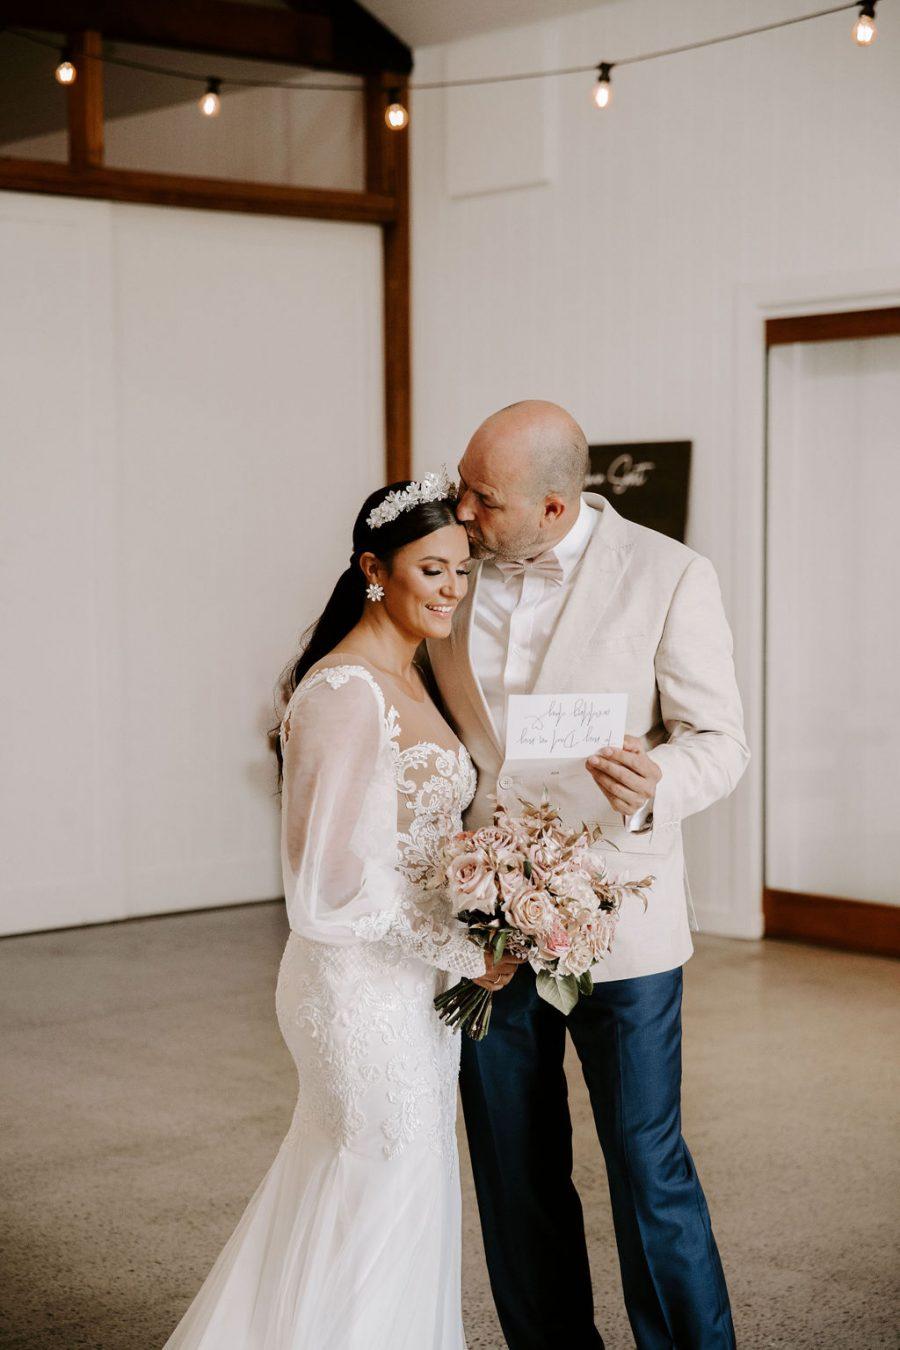 8 Special Ways to Include Your Dad in Your Wedding | Tweed Coast Weddings